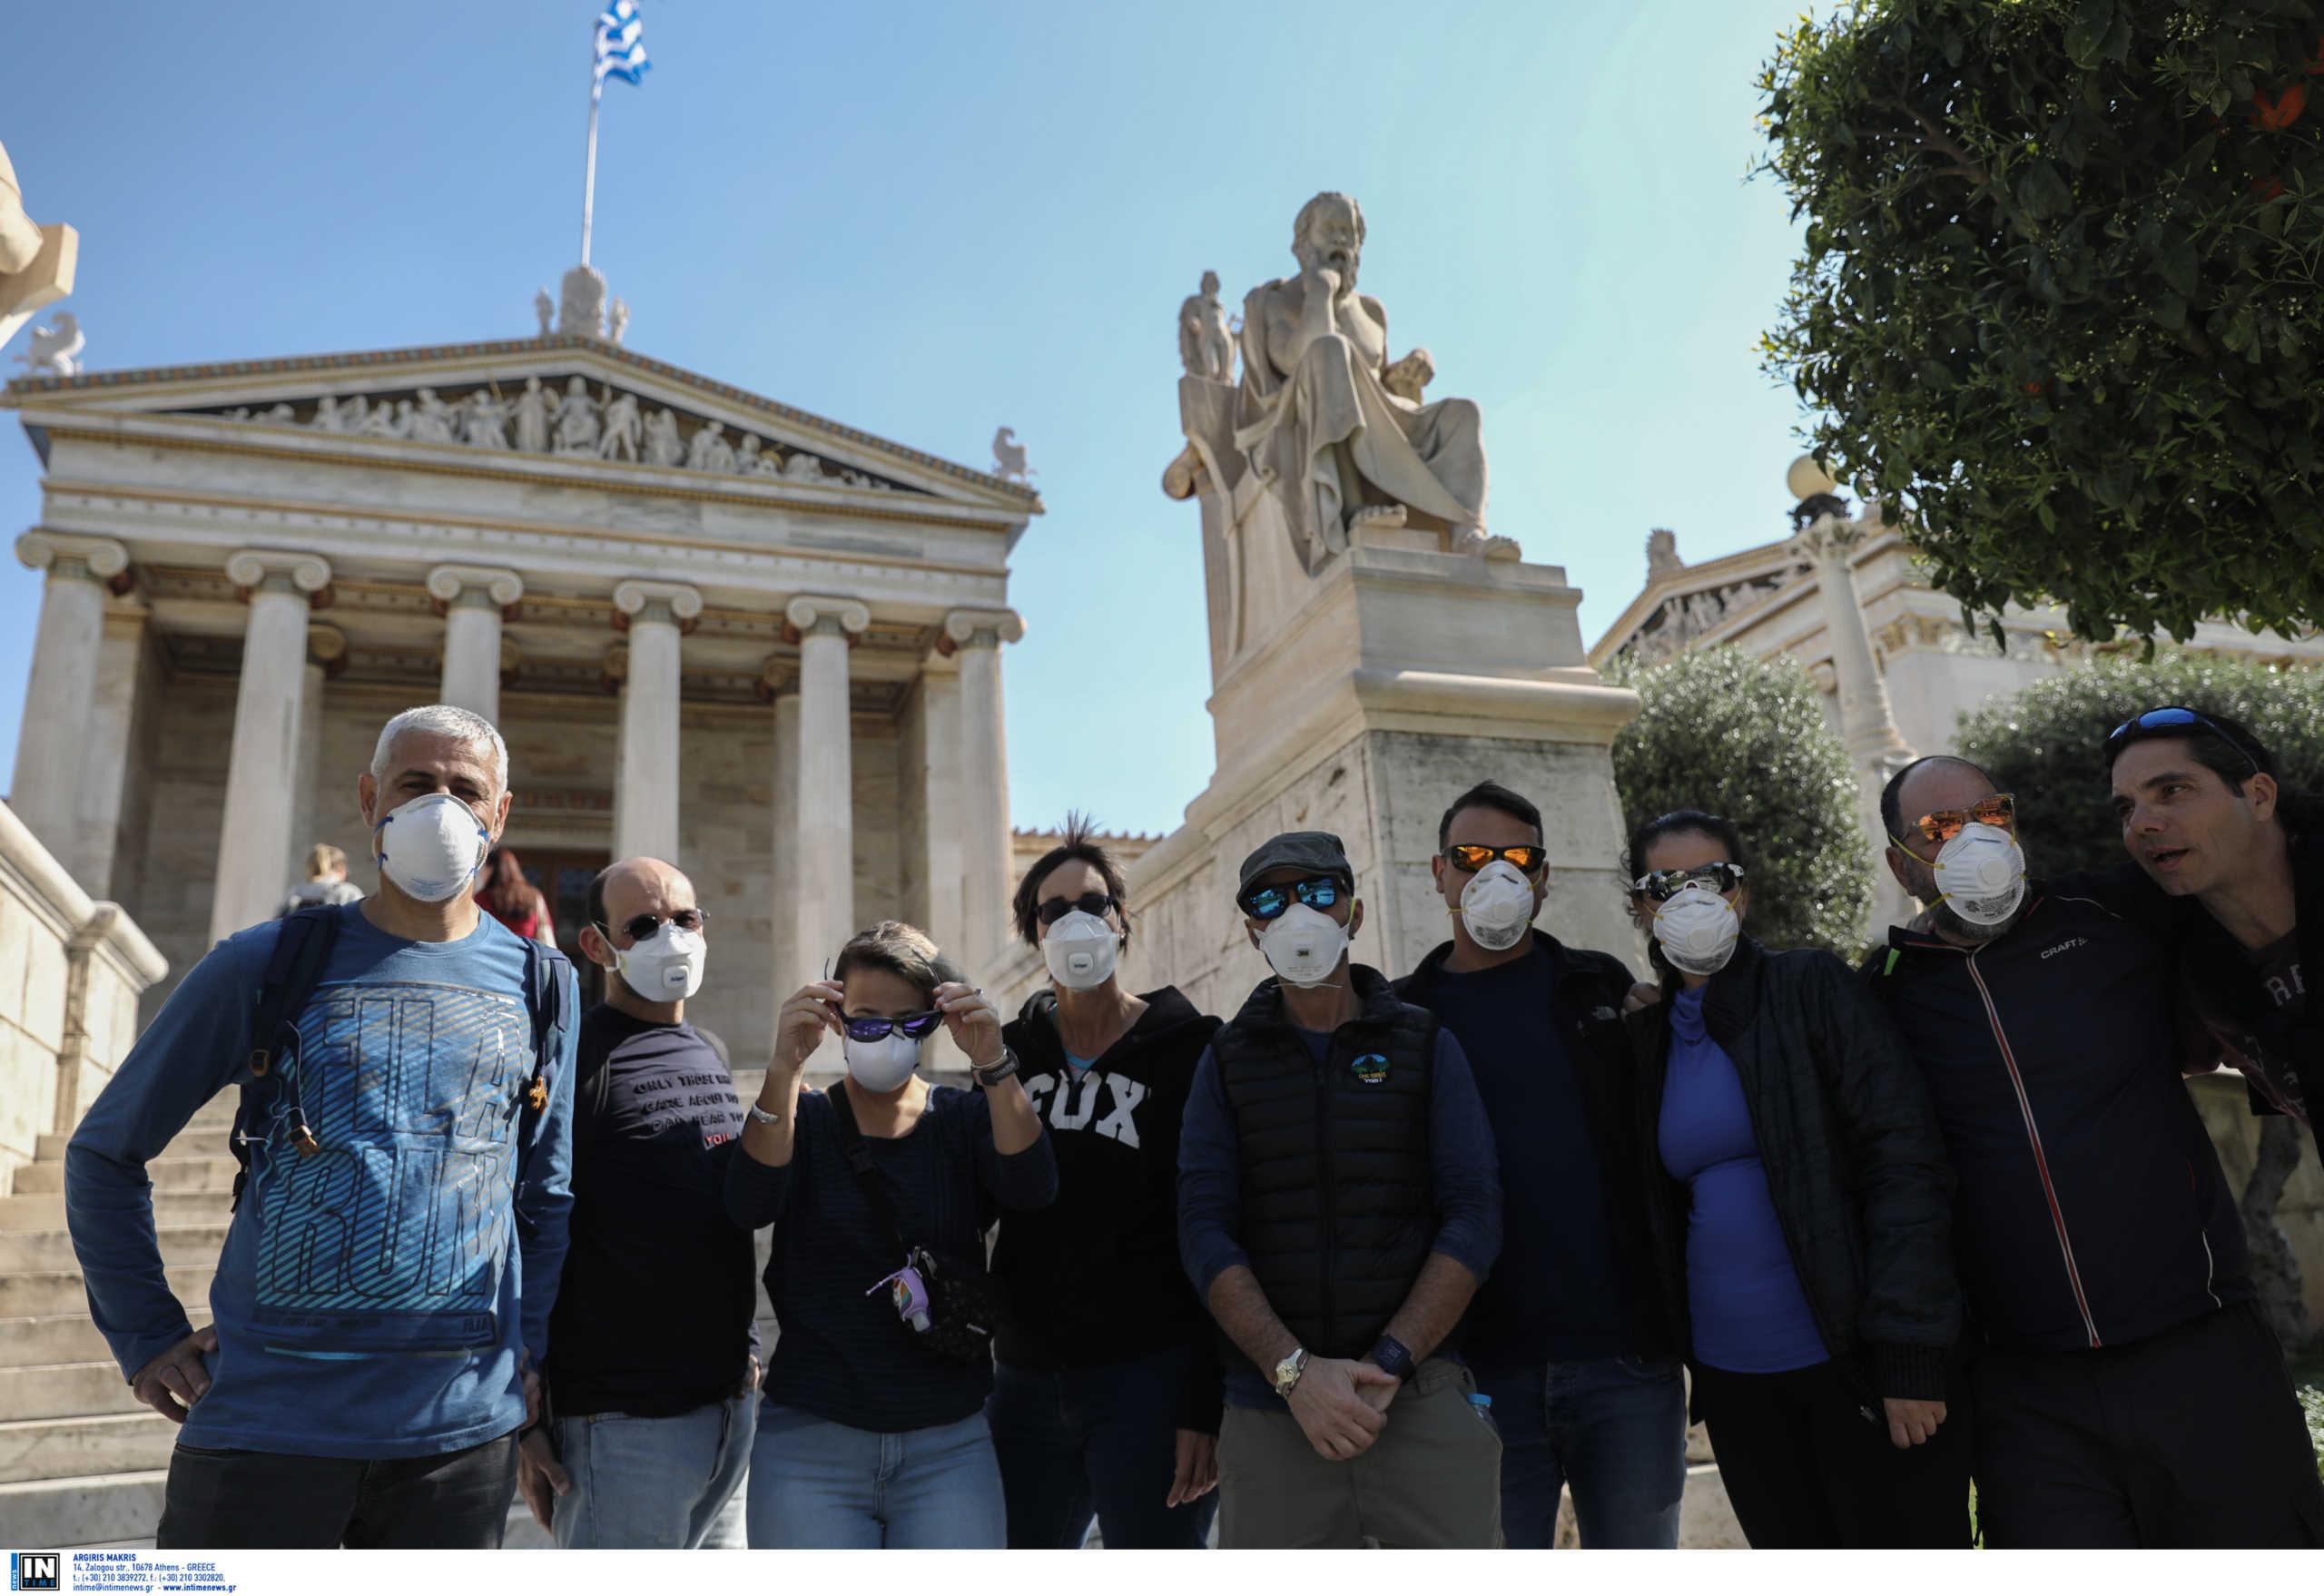 103 νέα κρούσματα κορονοϊού στην Ελλάδα – 331 συνολικά – «Ελπίζουμε η Ιερά Σύνοδος να πάρει τις σωστές αποφάσεις»